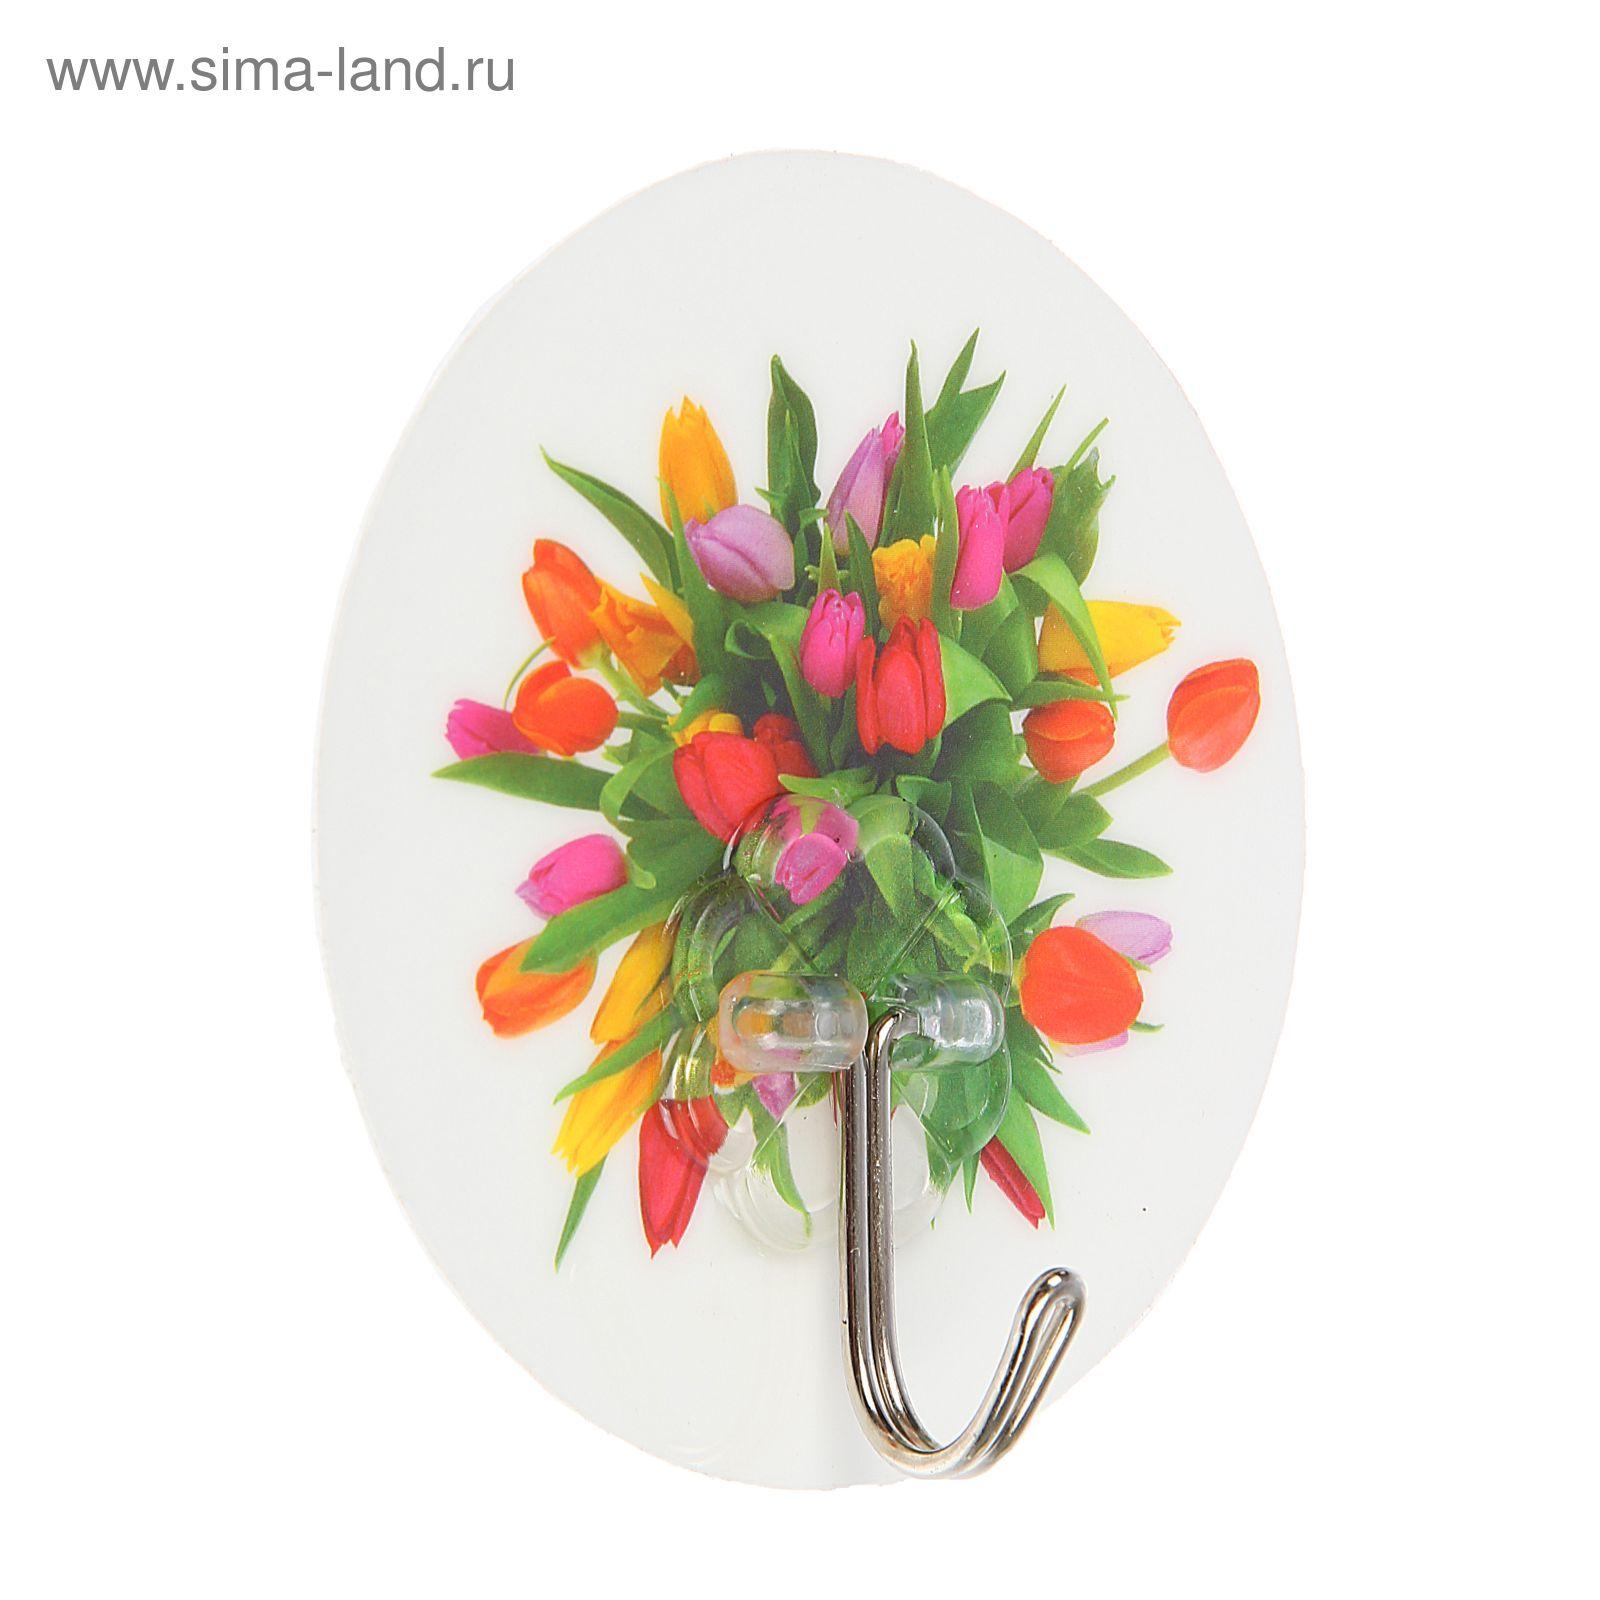 Наклейка букет цветов